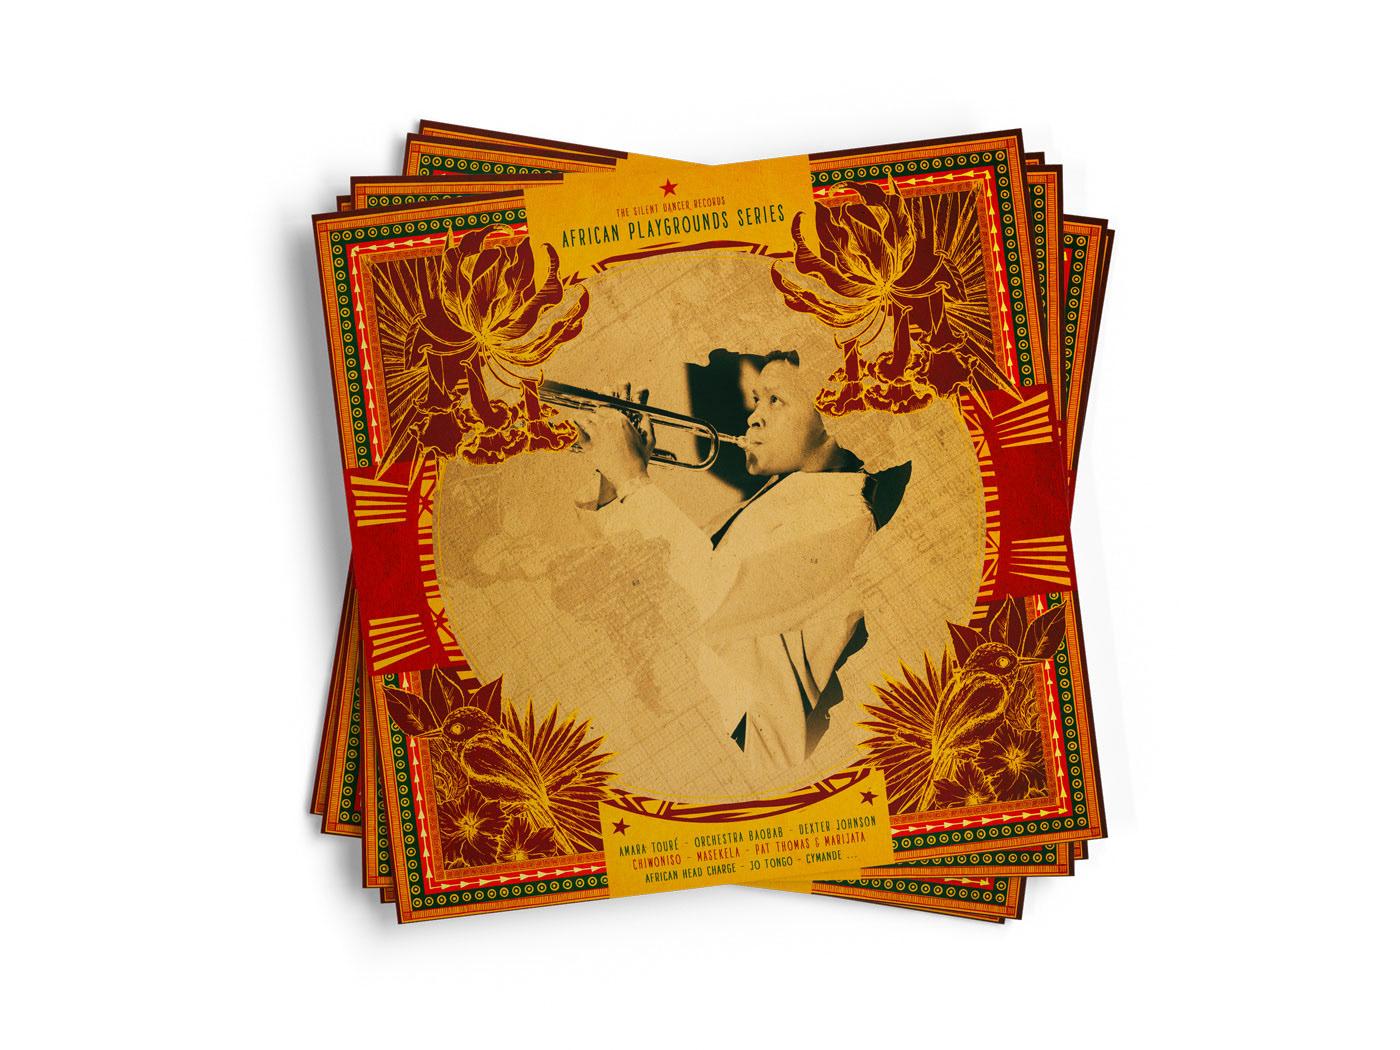 vinyle cover  artwork Musique Album afrique